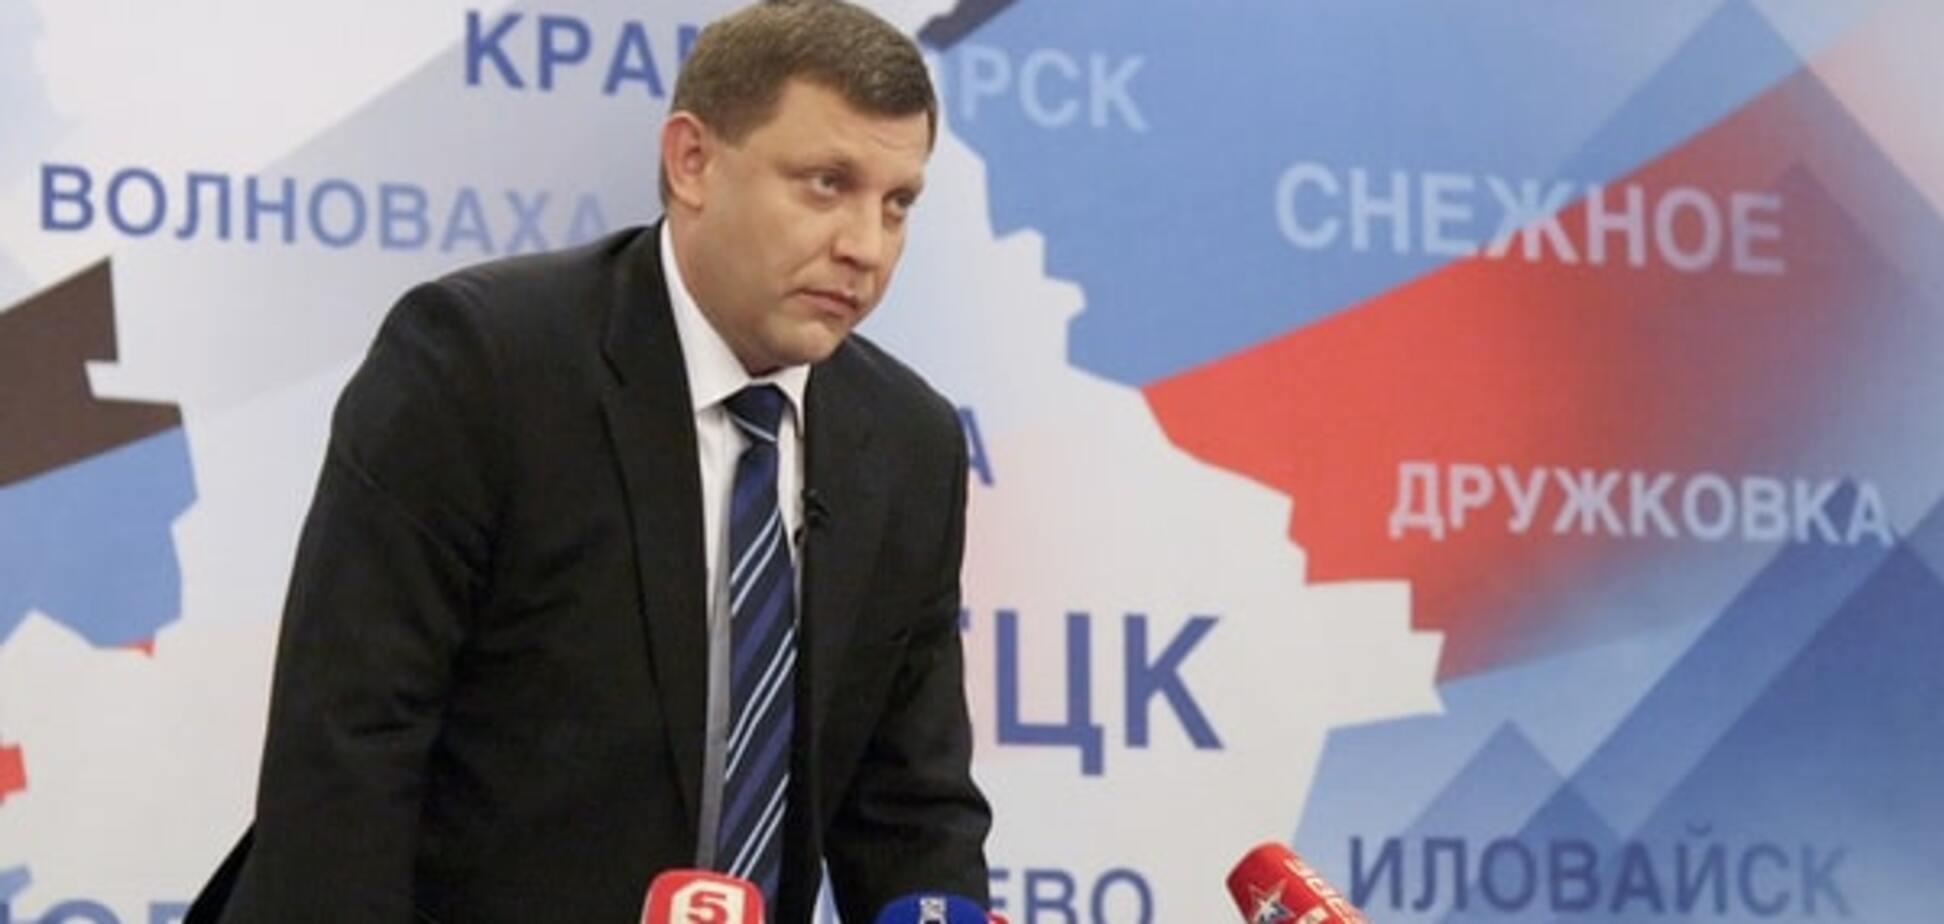 Стали известны страны, признающие дипломы 'ДНР': видеофакт